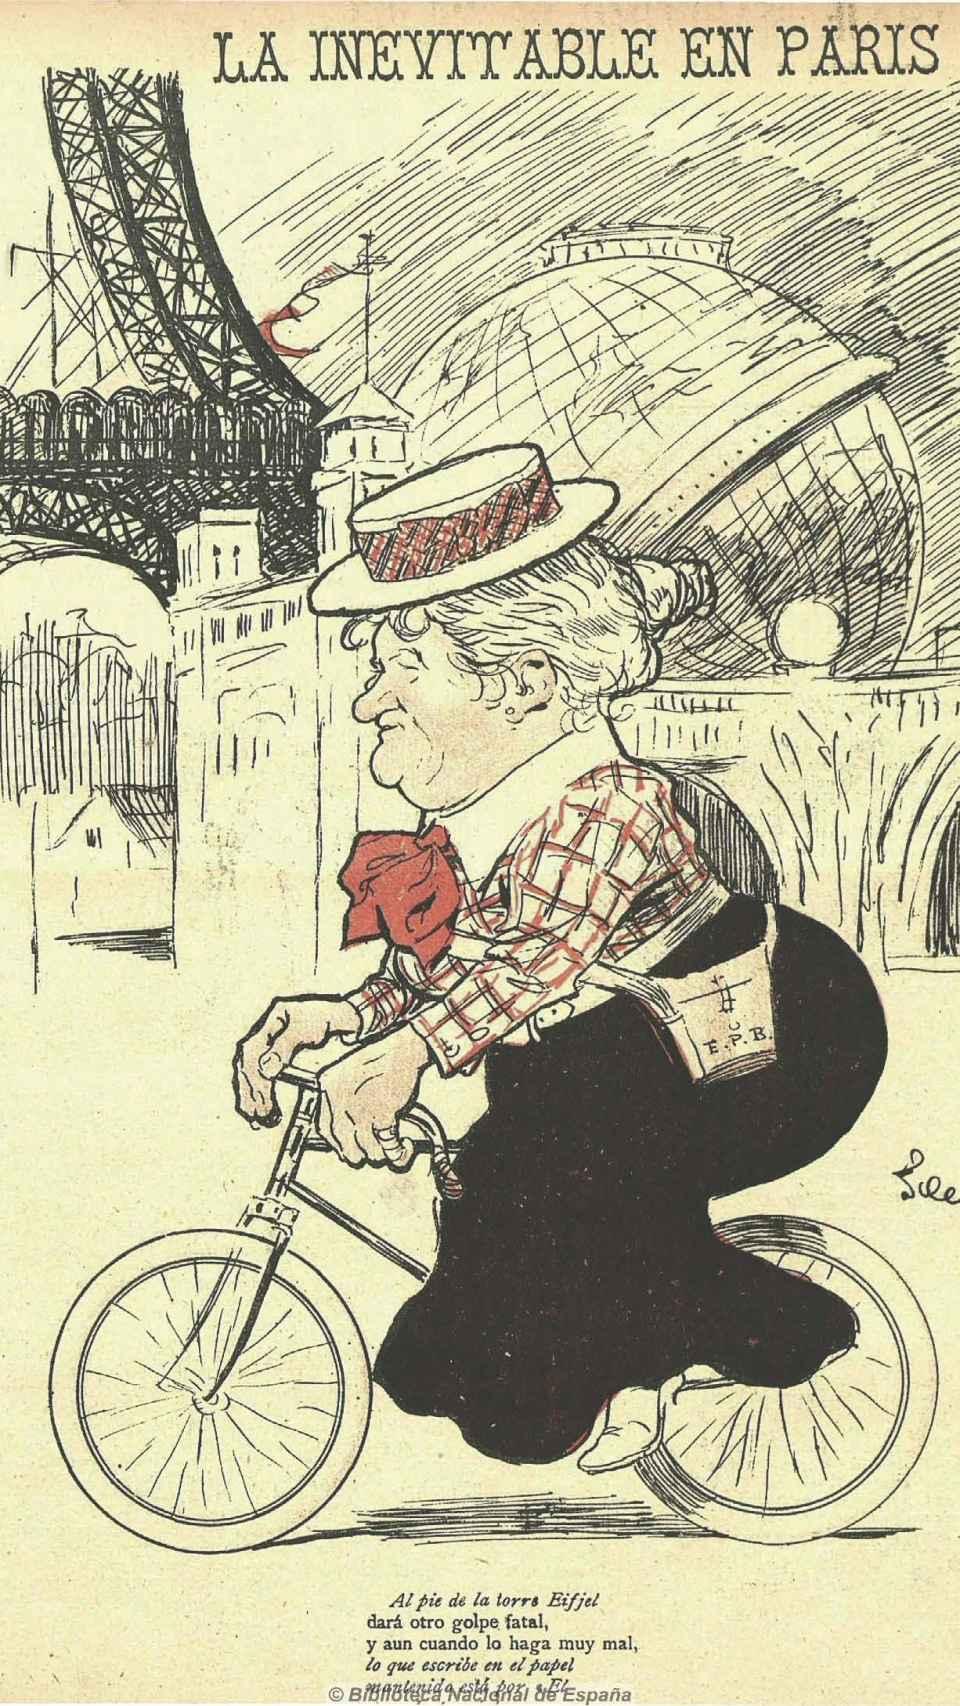 La inevitable en París, Gedeón, 29 de agosto de 1900.